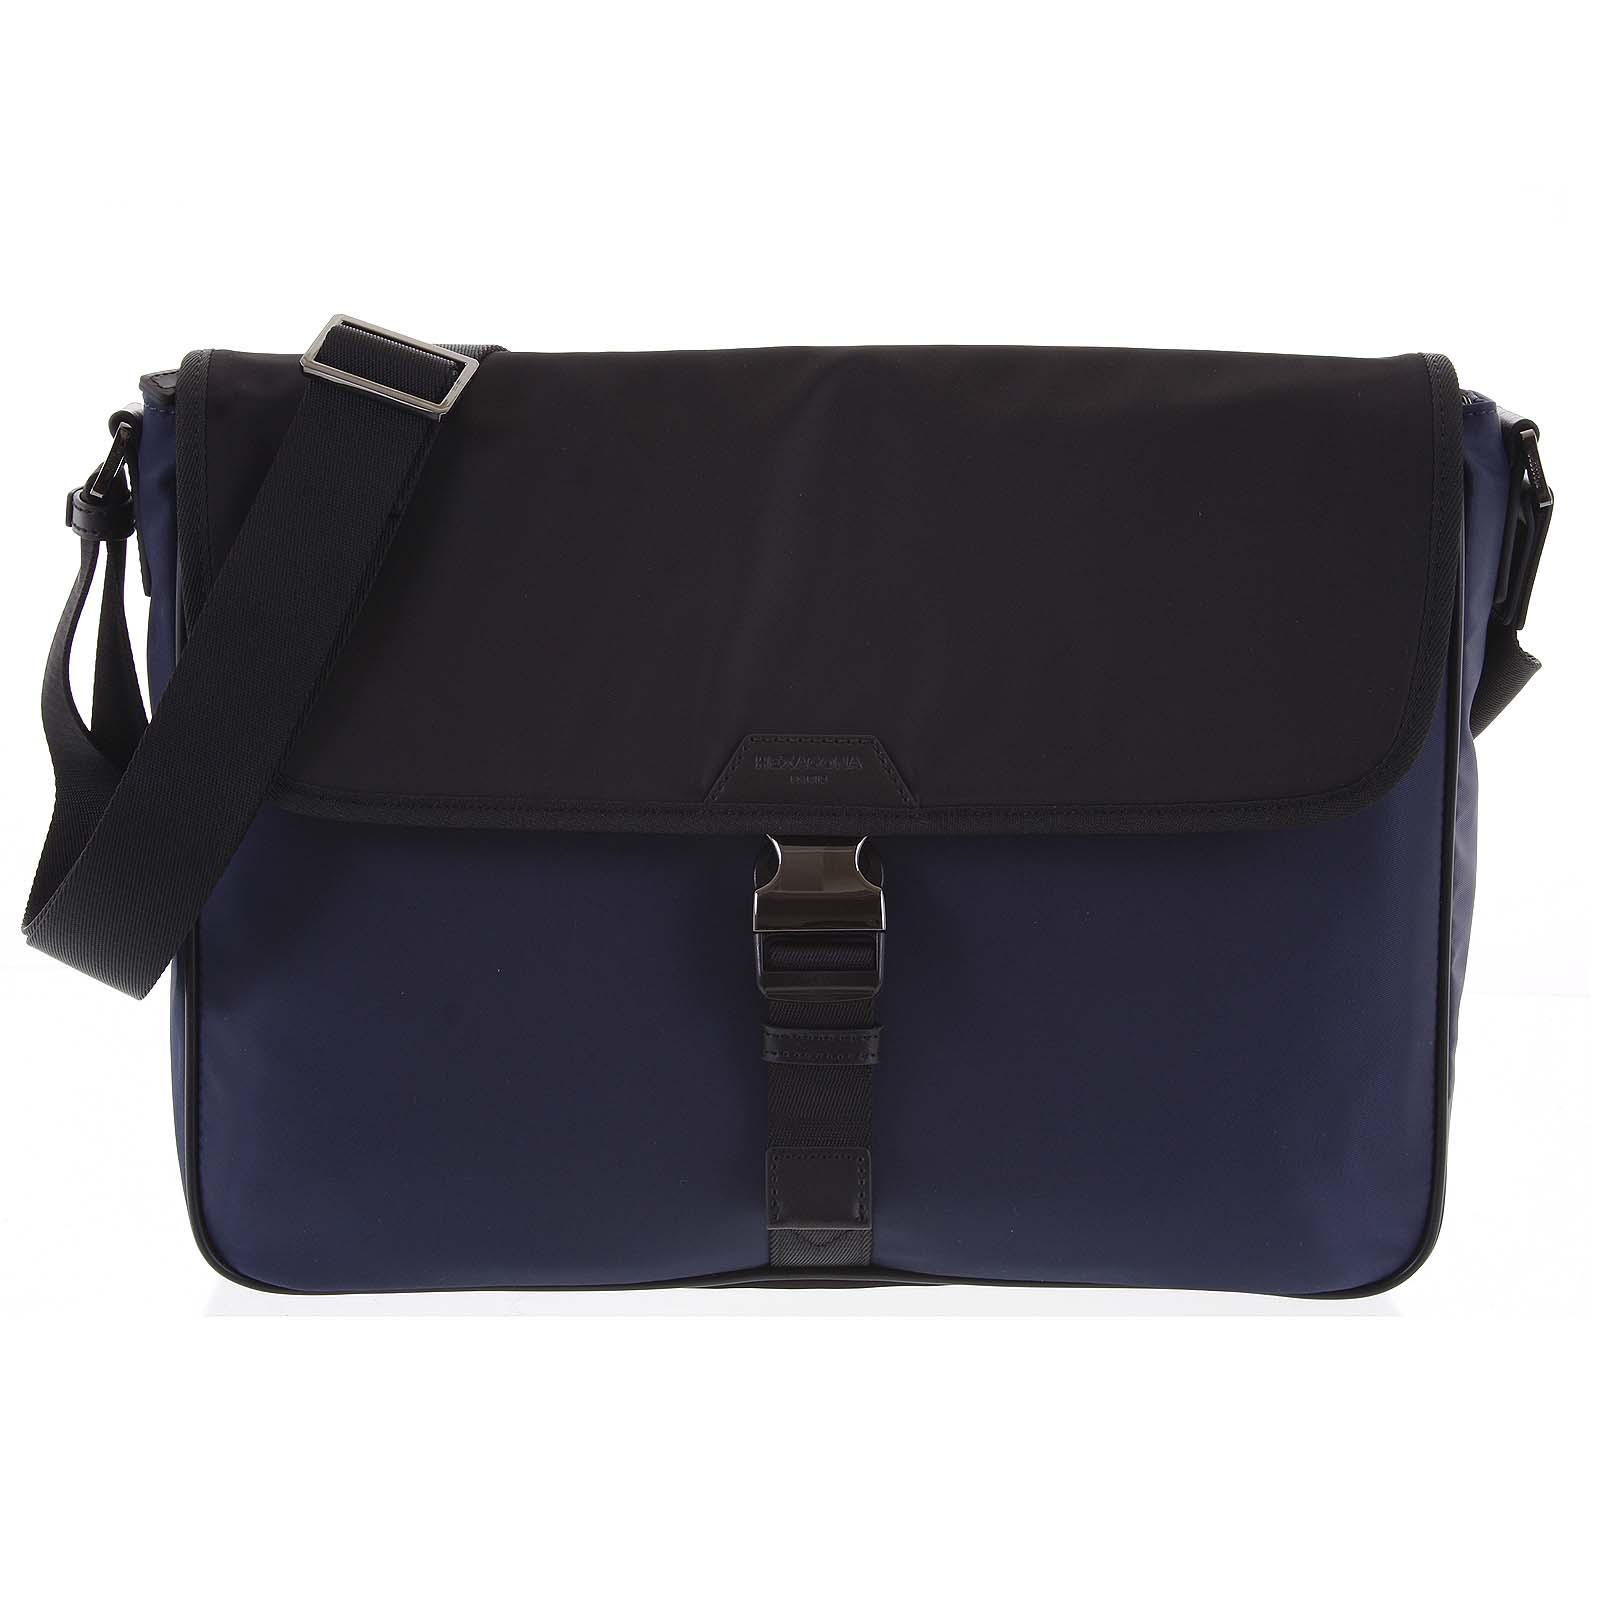 Crossbody taška na notebook modro čierna - Hexagona Baccus modrá